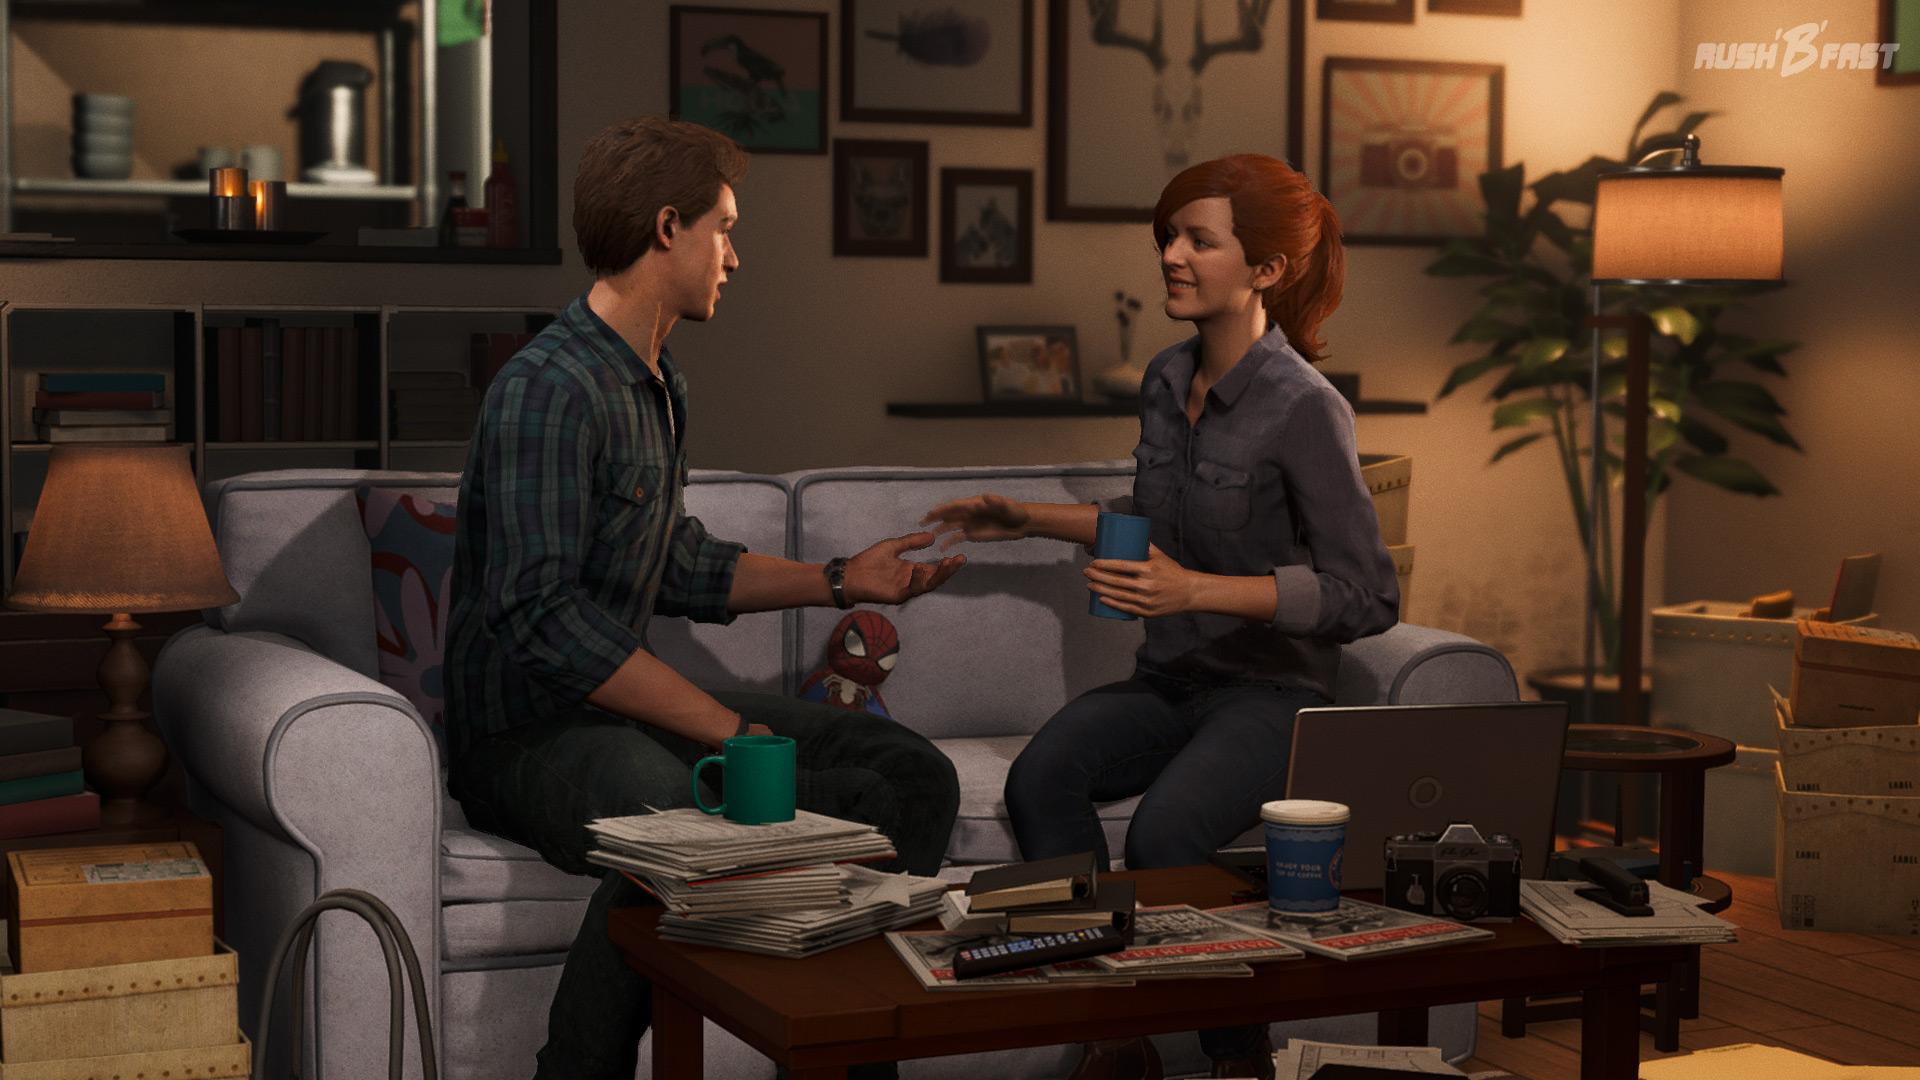 Marvel's Spider-Man - Peter Parker trifft sich mit MJ zum Abendessen in ihrer Wohnung.